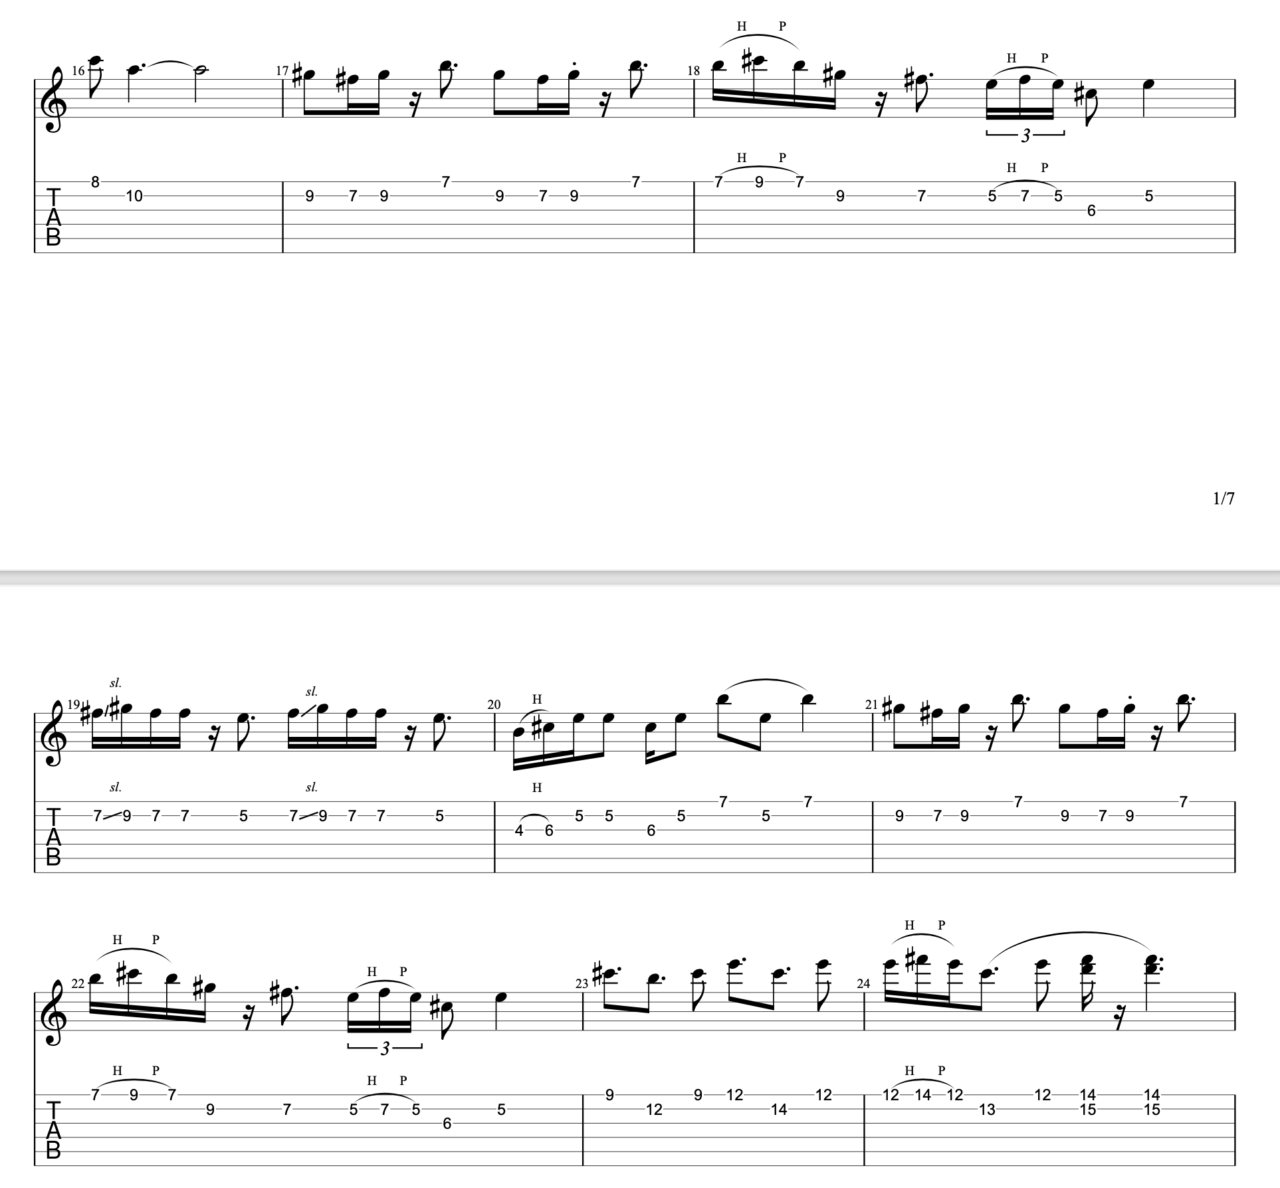 さわがしいまち|beco(騒音のない世界)のギターフレーズ解説!【楽譜(tab譜)付】 Bメロ